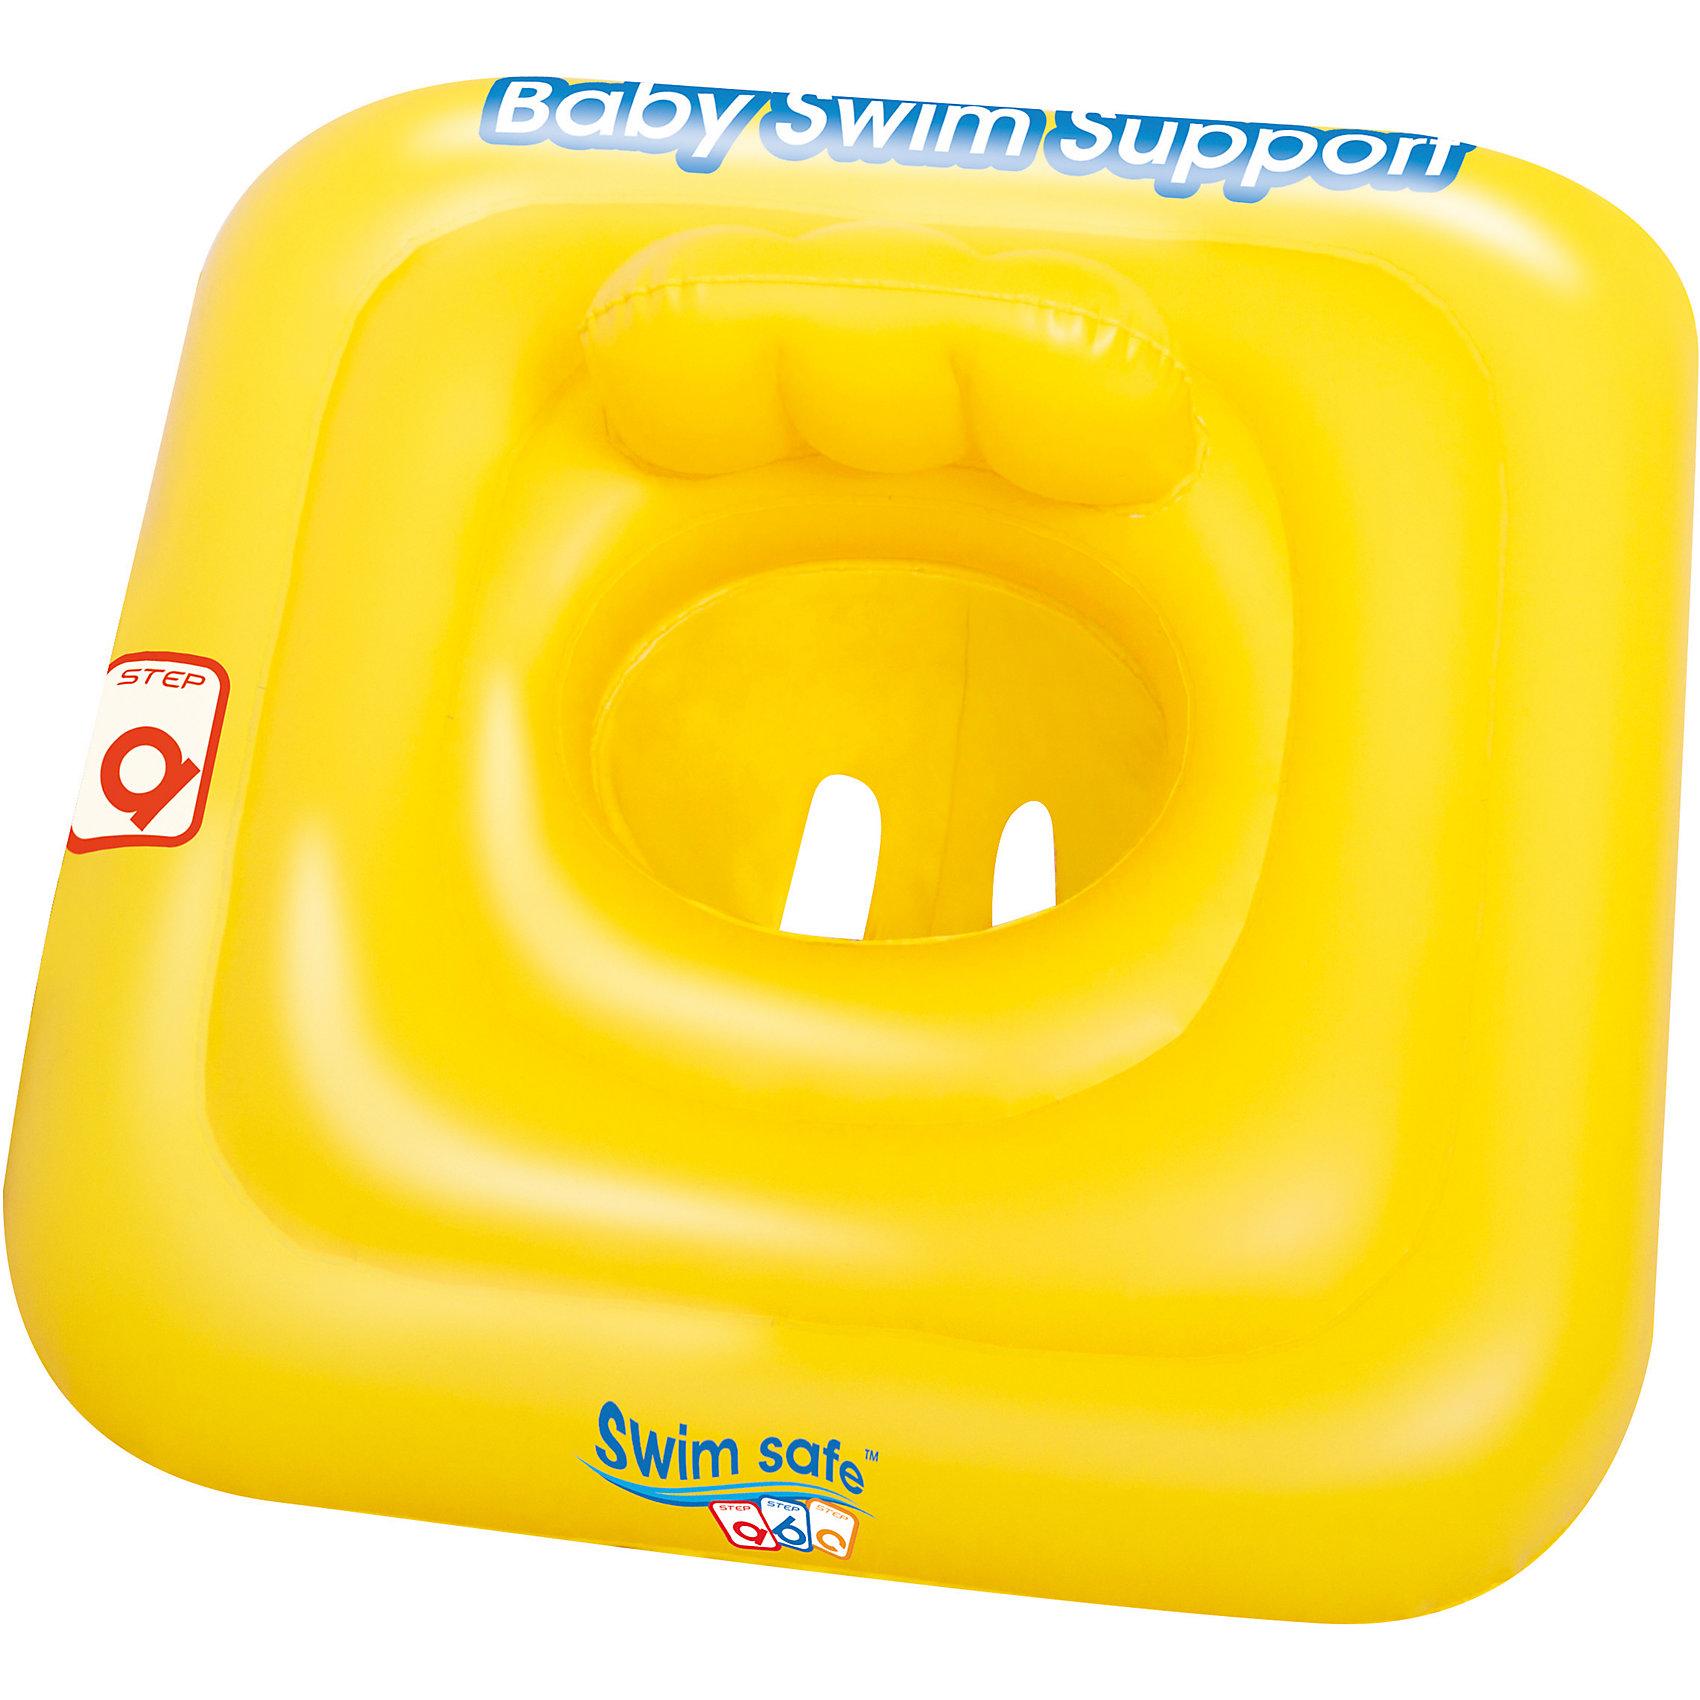 Плотик для плавания c сиденьем и спинкой Swim Safe, ступень A, BestwayКруги и нарукавники<br>Плотик для плавания c сиденьем и спинкой Swim Safe, ступень A, Bestway (Бествей)<br><br>Характеристики:<br><br>• удобное сиденье со спинкой<br>• материал: ПВХ<br>• размер: 69х69 см<br>• размер упаковки: 34х36х46 см<br>• вес: 557 грамм<br><br>С плотиком Bestway ваш малыш сможет всегда плавать рядом с вами, наслаждаясь плавным покачиванием на воде. Изделие изготовлено из ПВХ высокой прочности. Плотик имеет два отверстия для ножек и удобное сидение со спинкой, которая станет отличной опорой для малыша.<br><br>Плотик для плавания c сиденьем и спинкой Swim Safe, ступень A, Bestway (Бествей) вы можете купить в нашем интернет-магазине.<br><br>Ширина мм: 460<br>Глубина мм: 360<br>Высота мм: 340<br>Вес г: 557<br>Возраст от месяцев: 0<br>Возраст до месяцев: 12<br>Пол: Унисекс<br>Возраст: Детский<br>SKU: 5486878